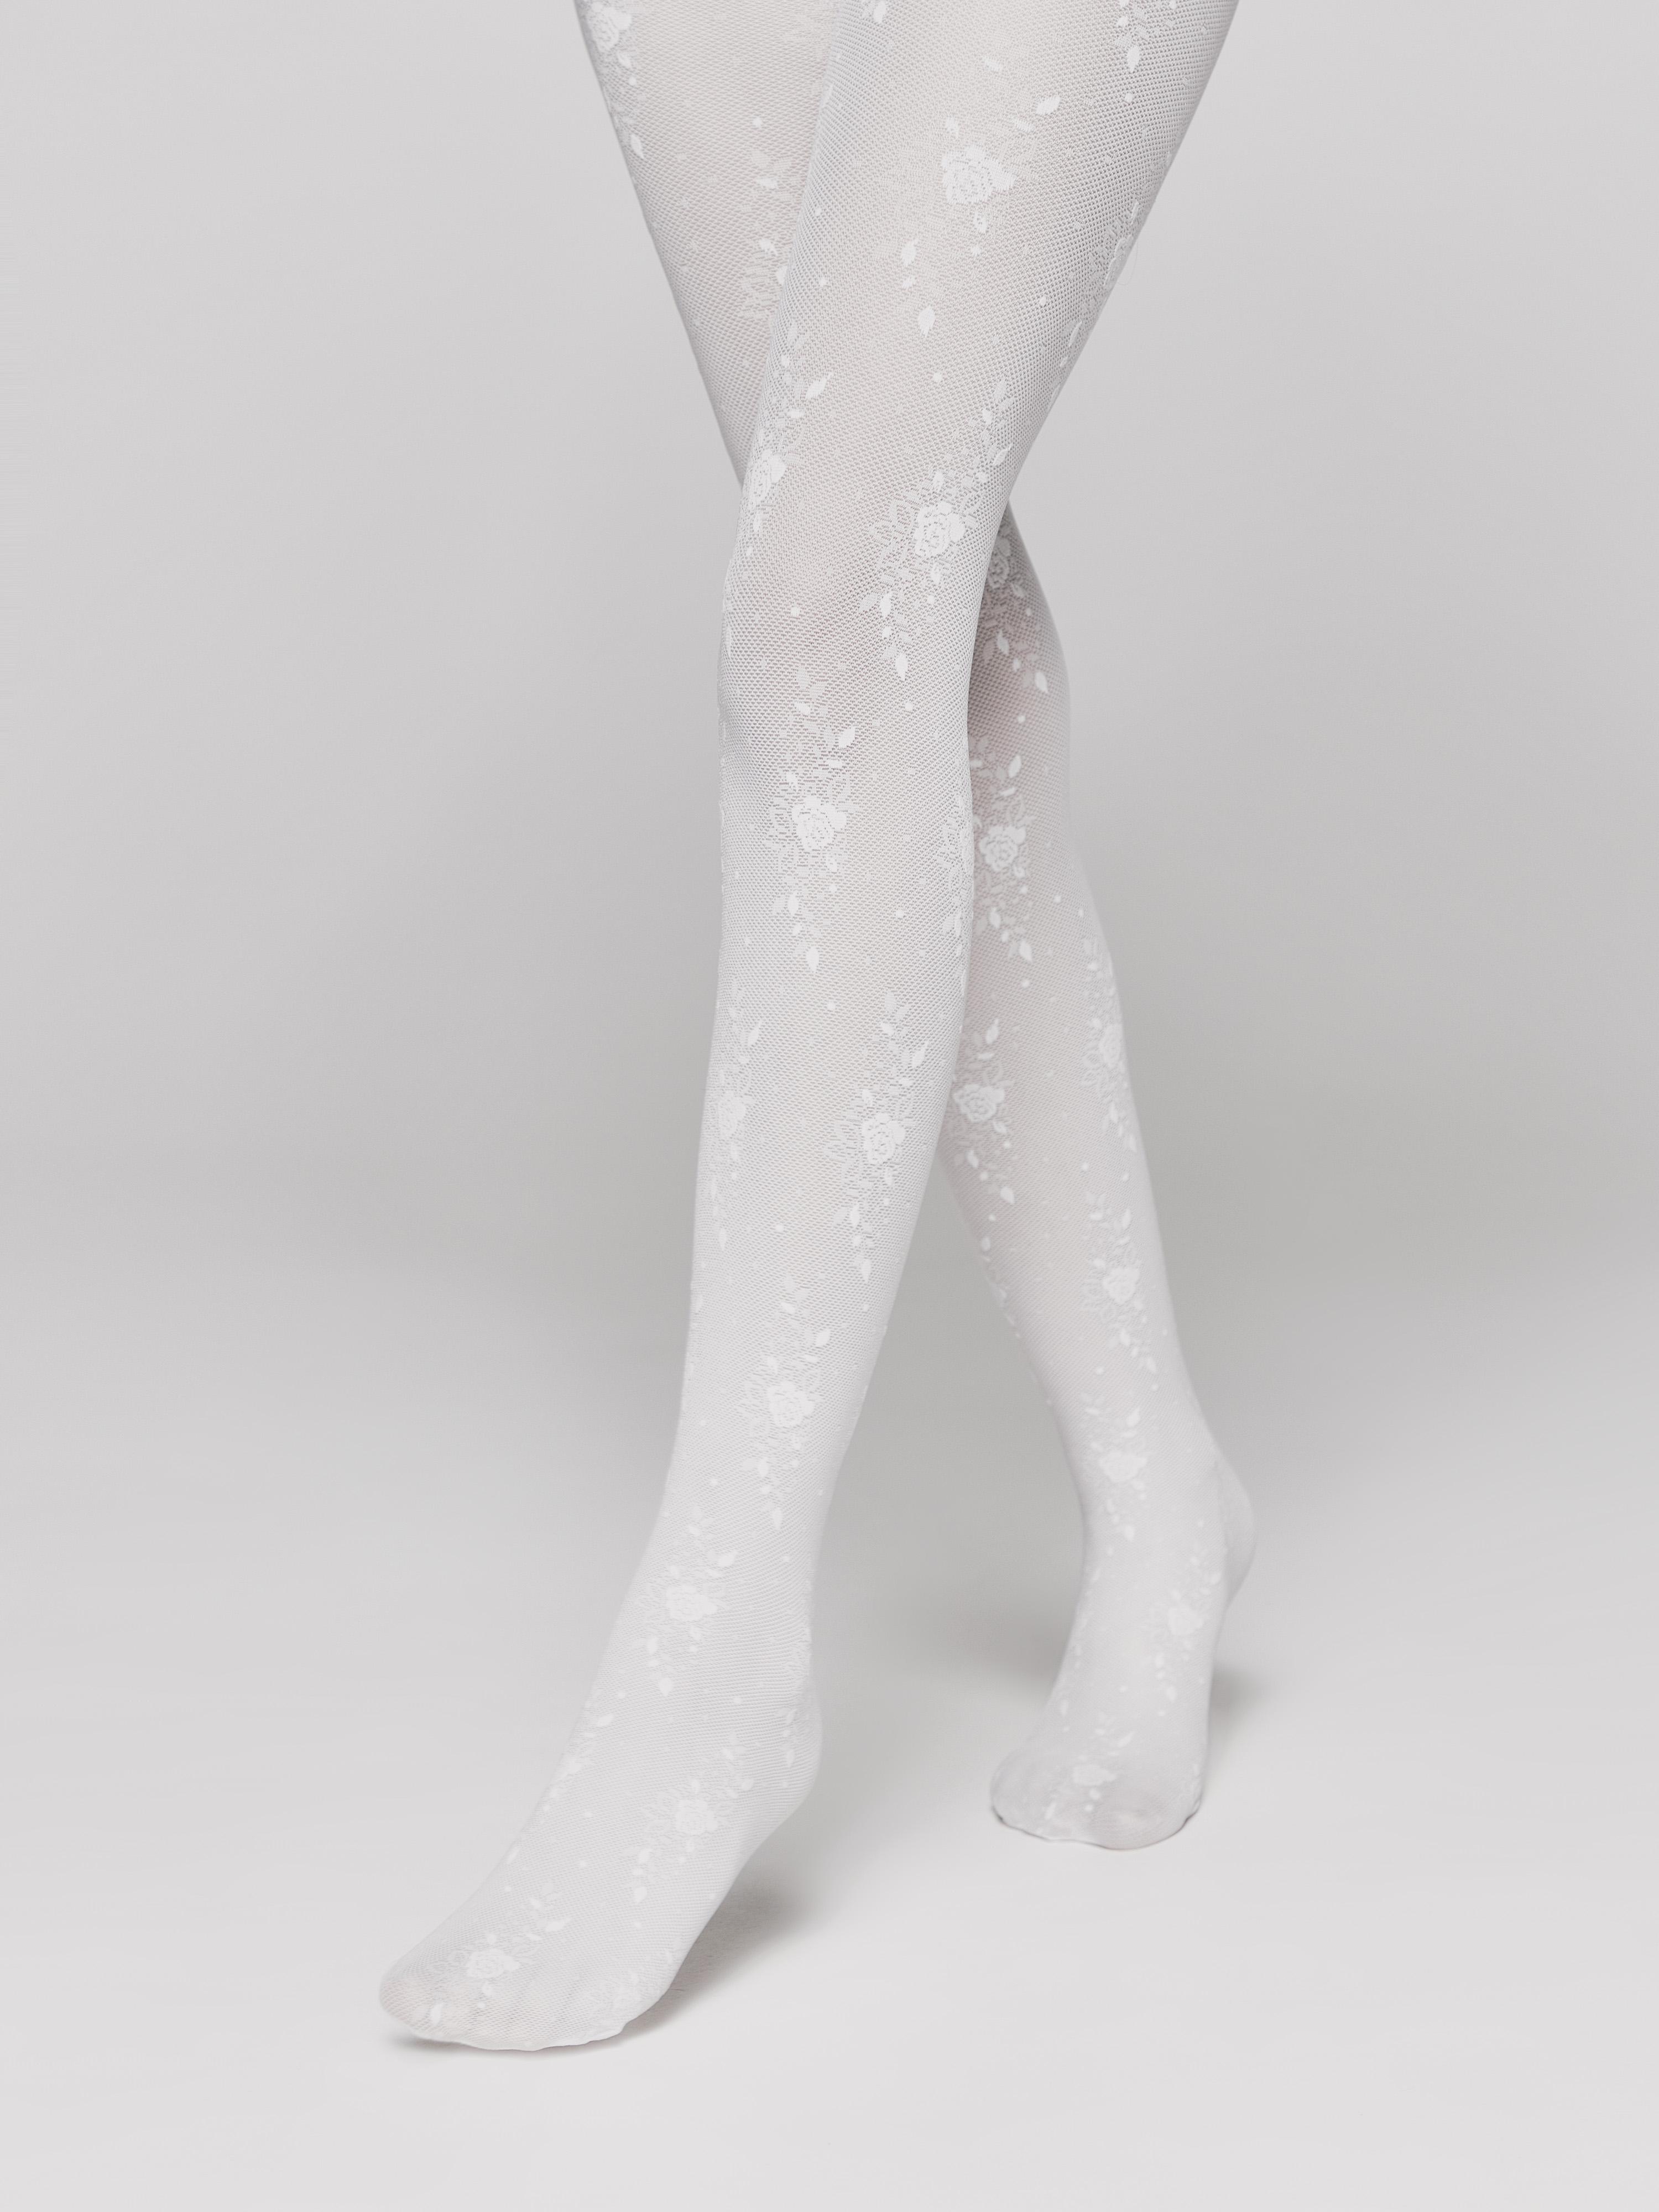 Колготки дет. нарядные ⭐️ Тонкие эластичные колготки с цветочным рисунком SOFIA ⭐️